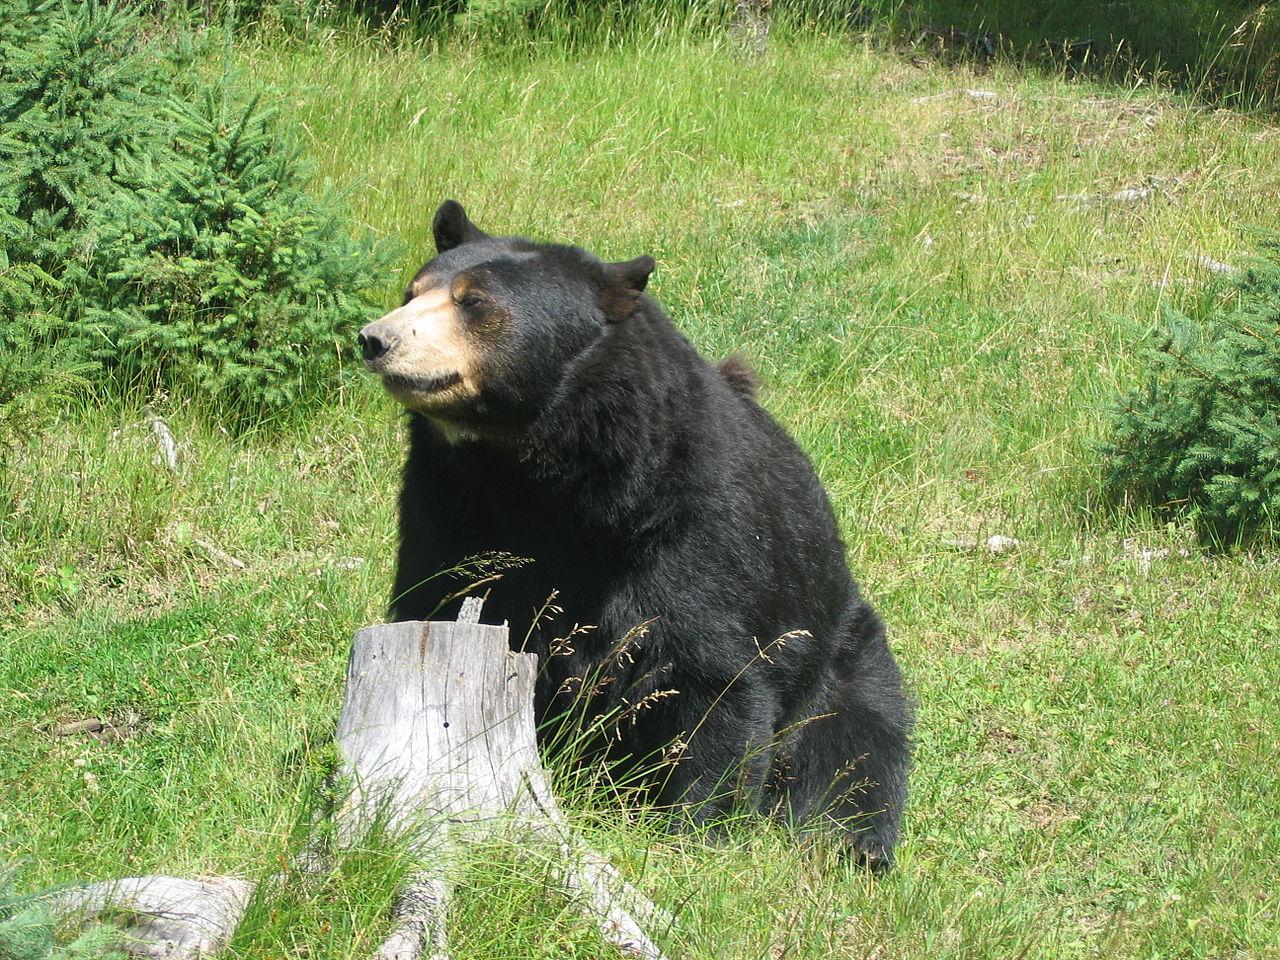 Bears Hate Drones